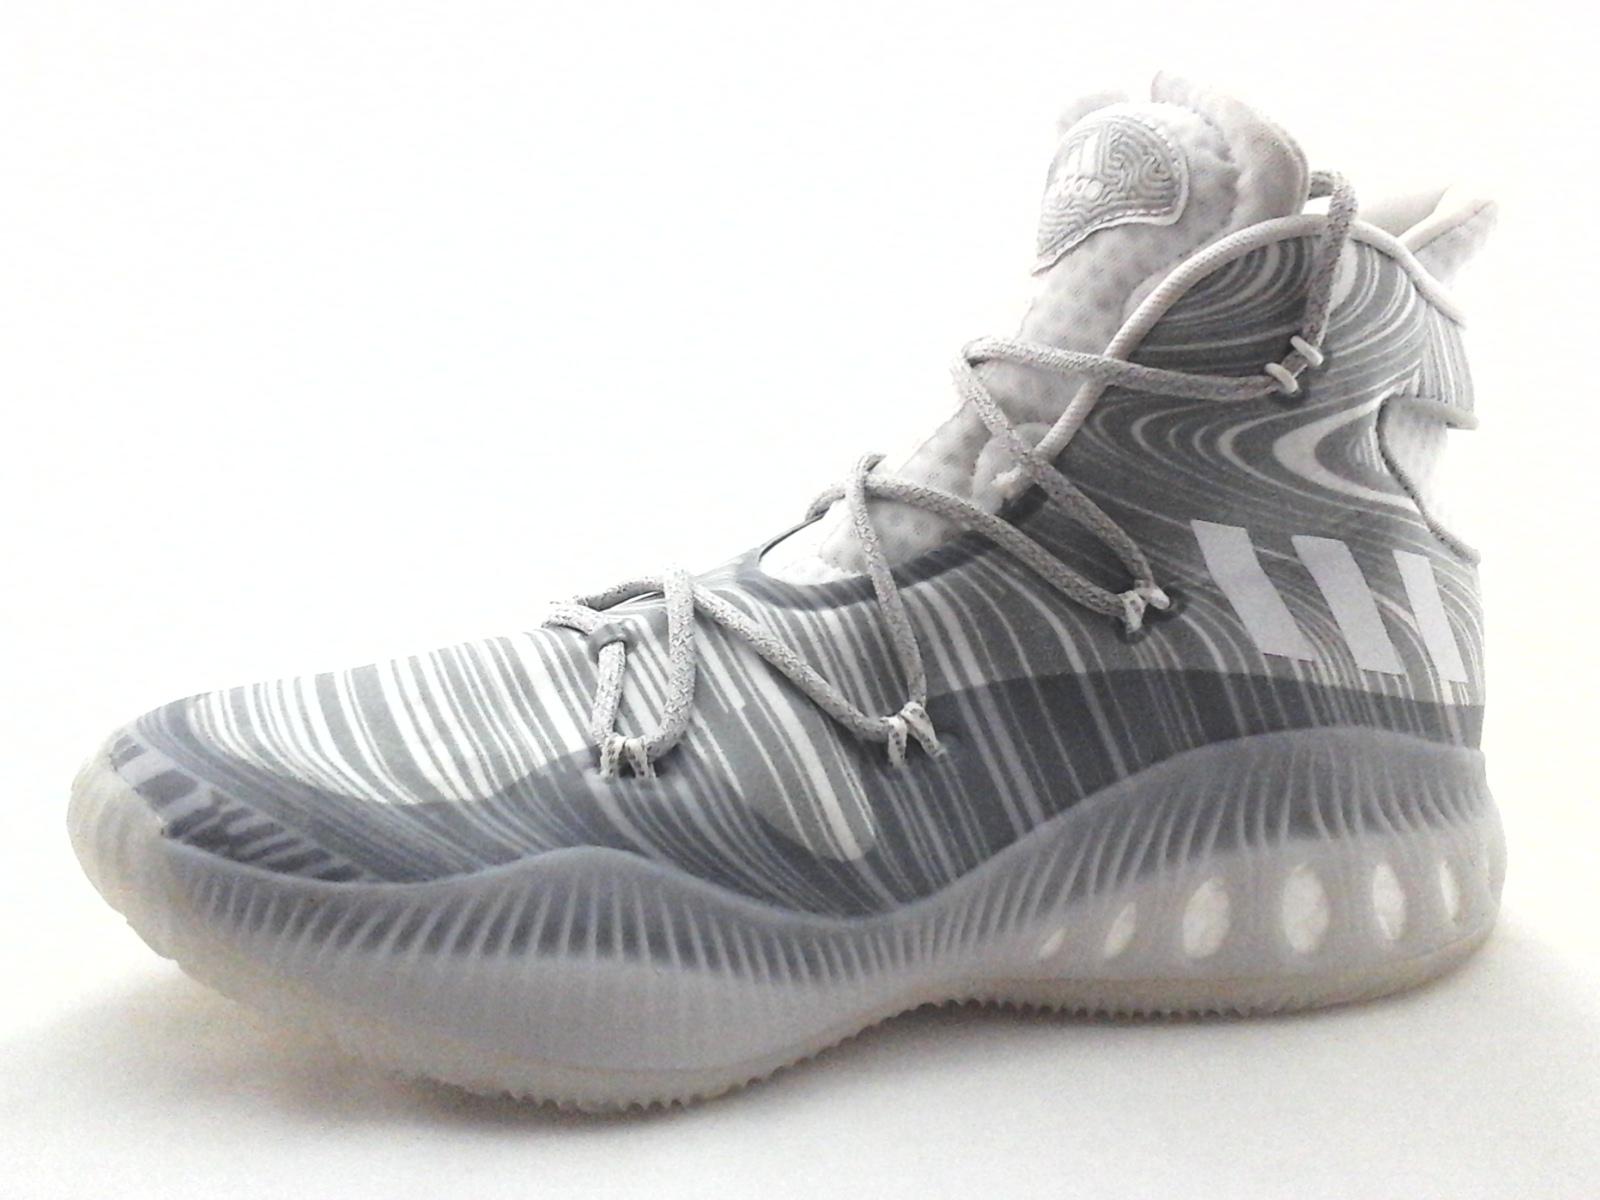 the best attitude a838c 2e1f1 ADIDAS Crazy Explosive Basketball Shoes White Gray B42424 Mens US 12.5 EU  47 13